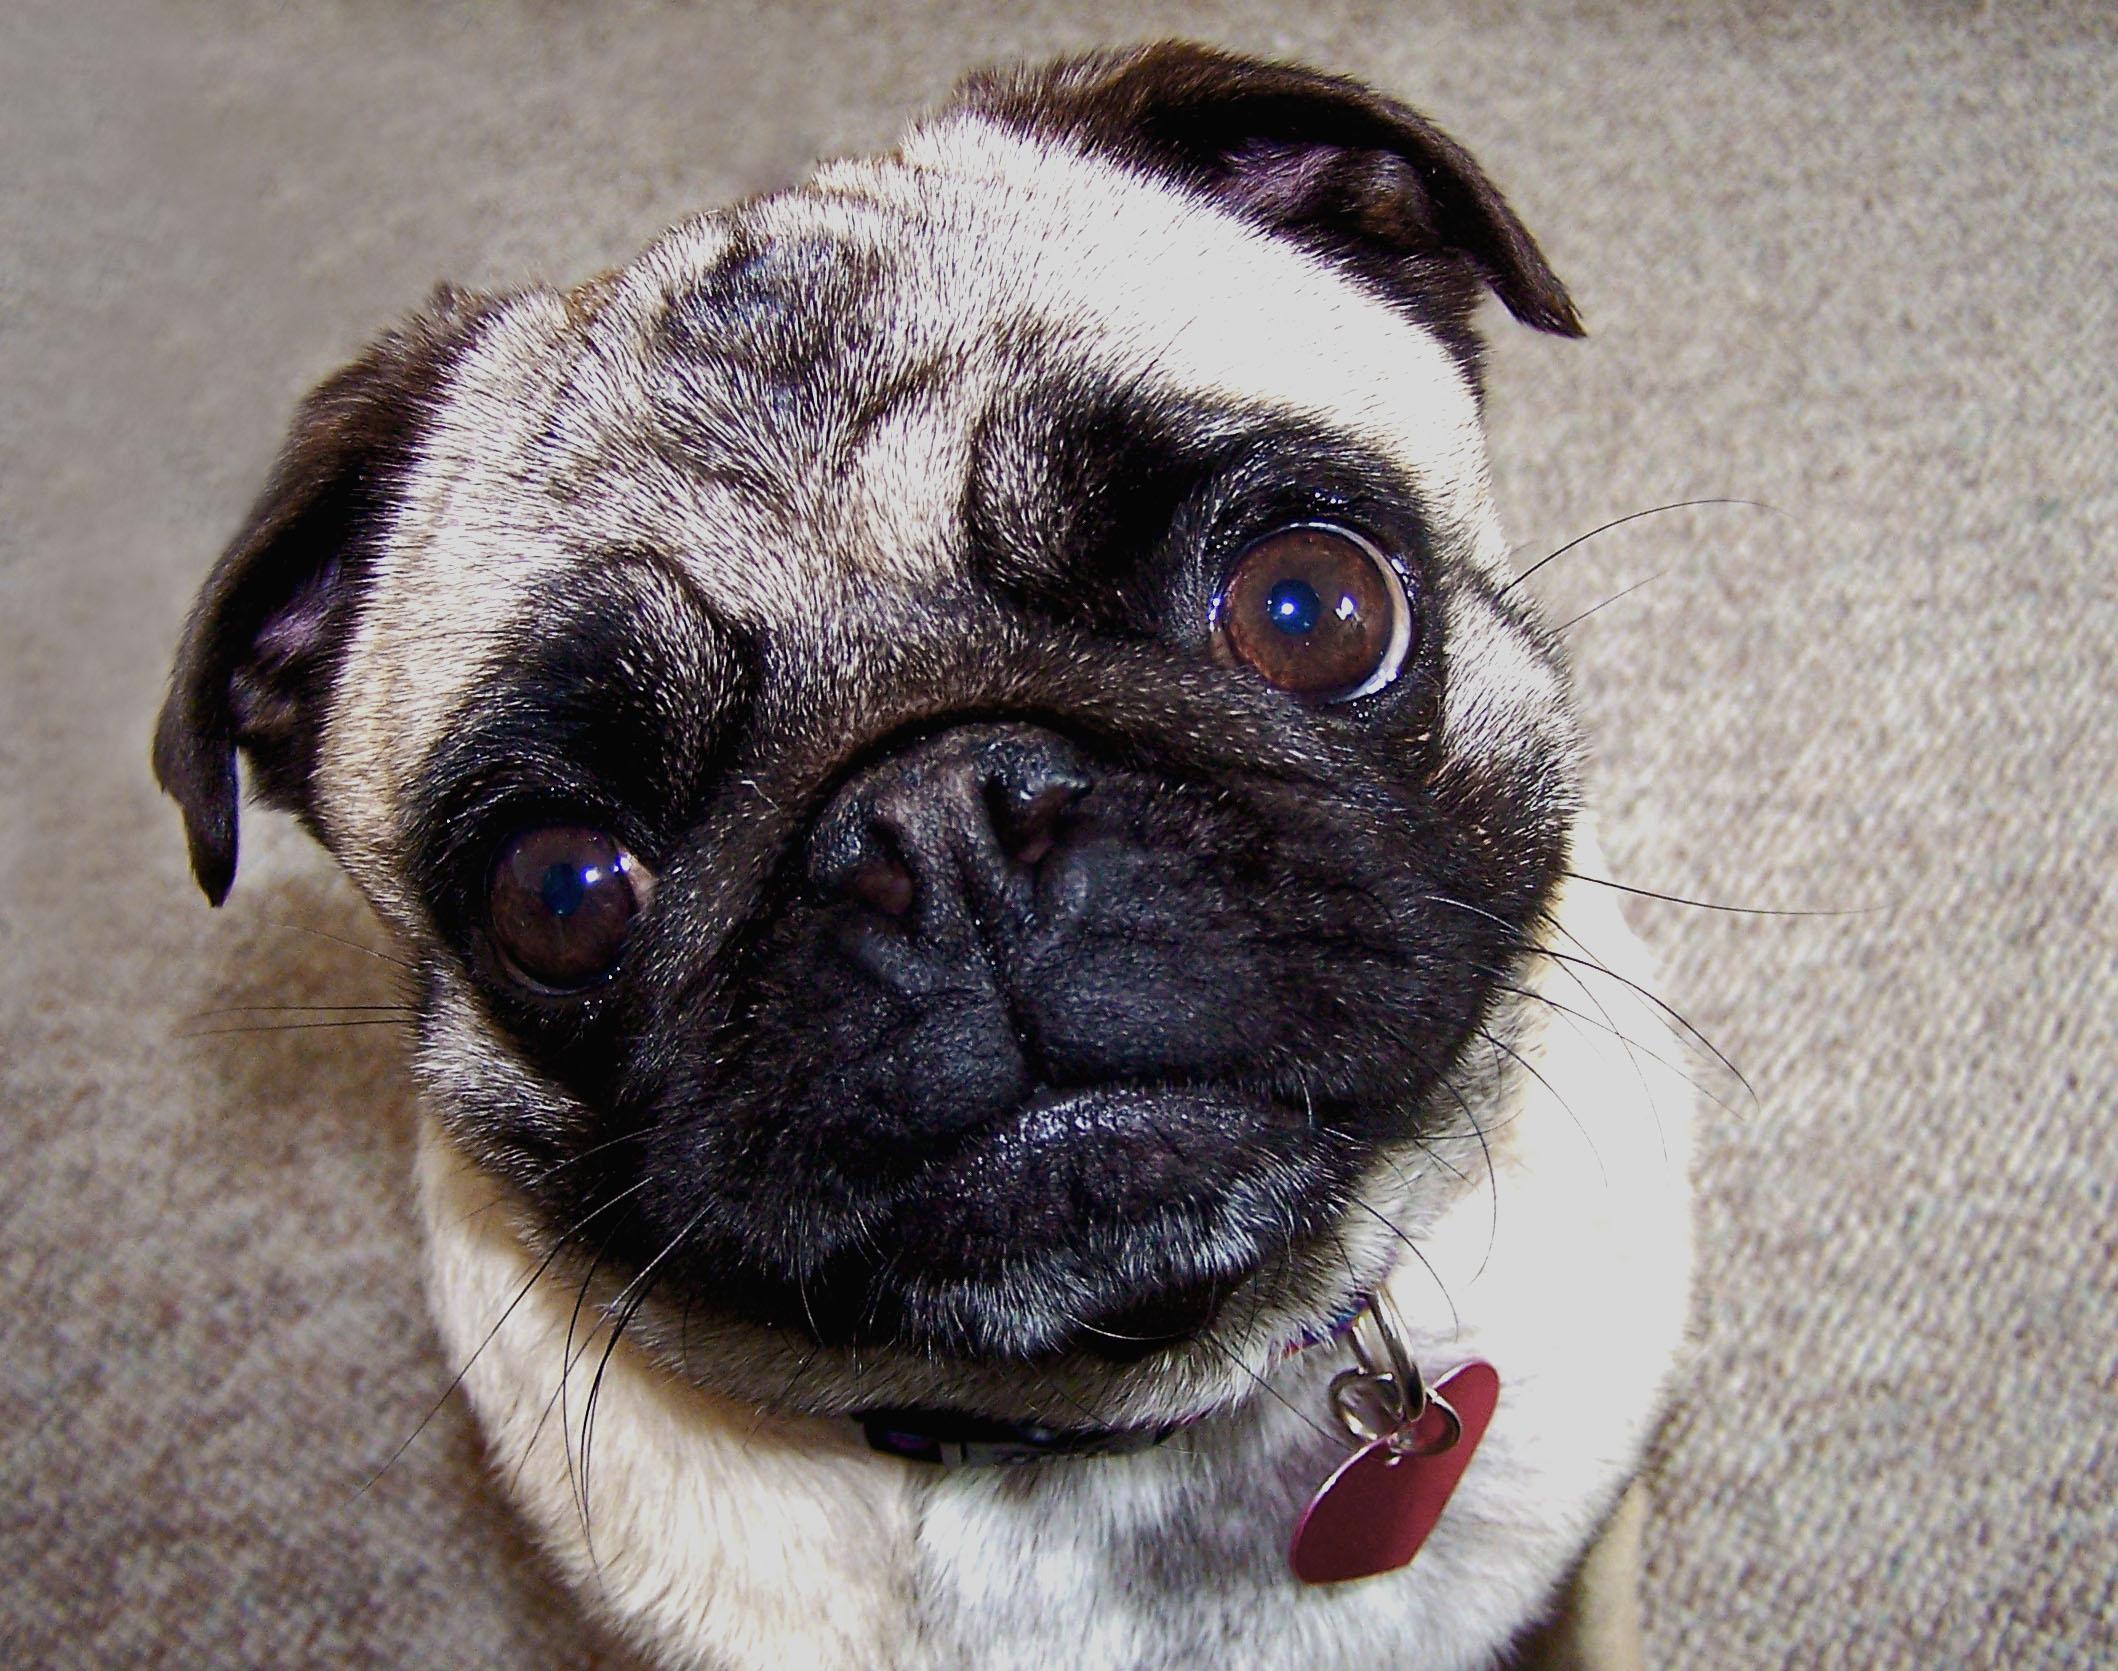 100_0604.jpg - Pug Face